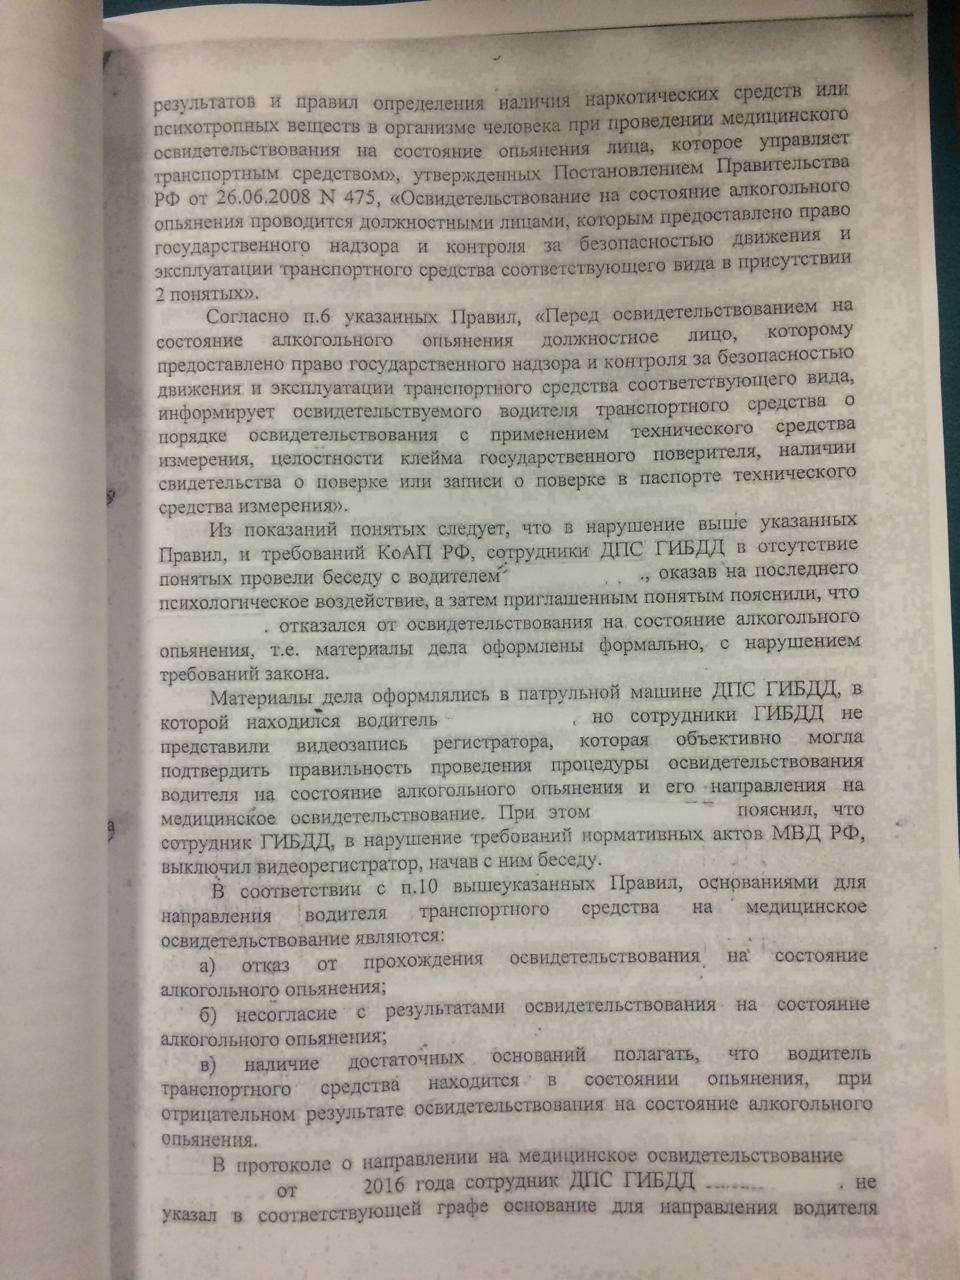 Разводки ГИБДД: как не лишиться прав заотказ отмедосвидетельствования— фото 927381